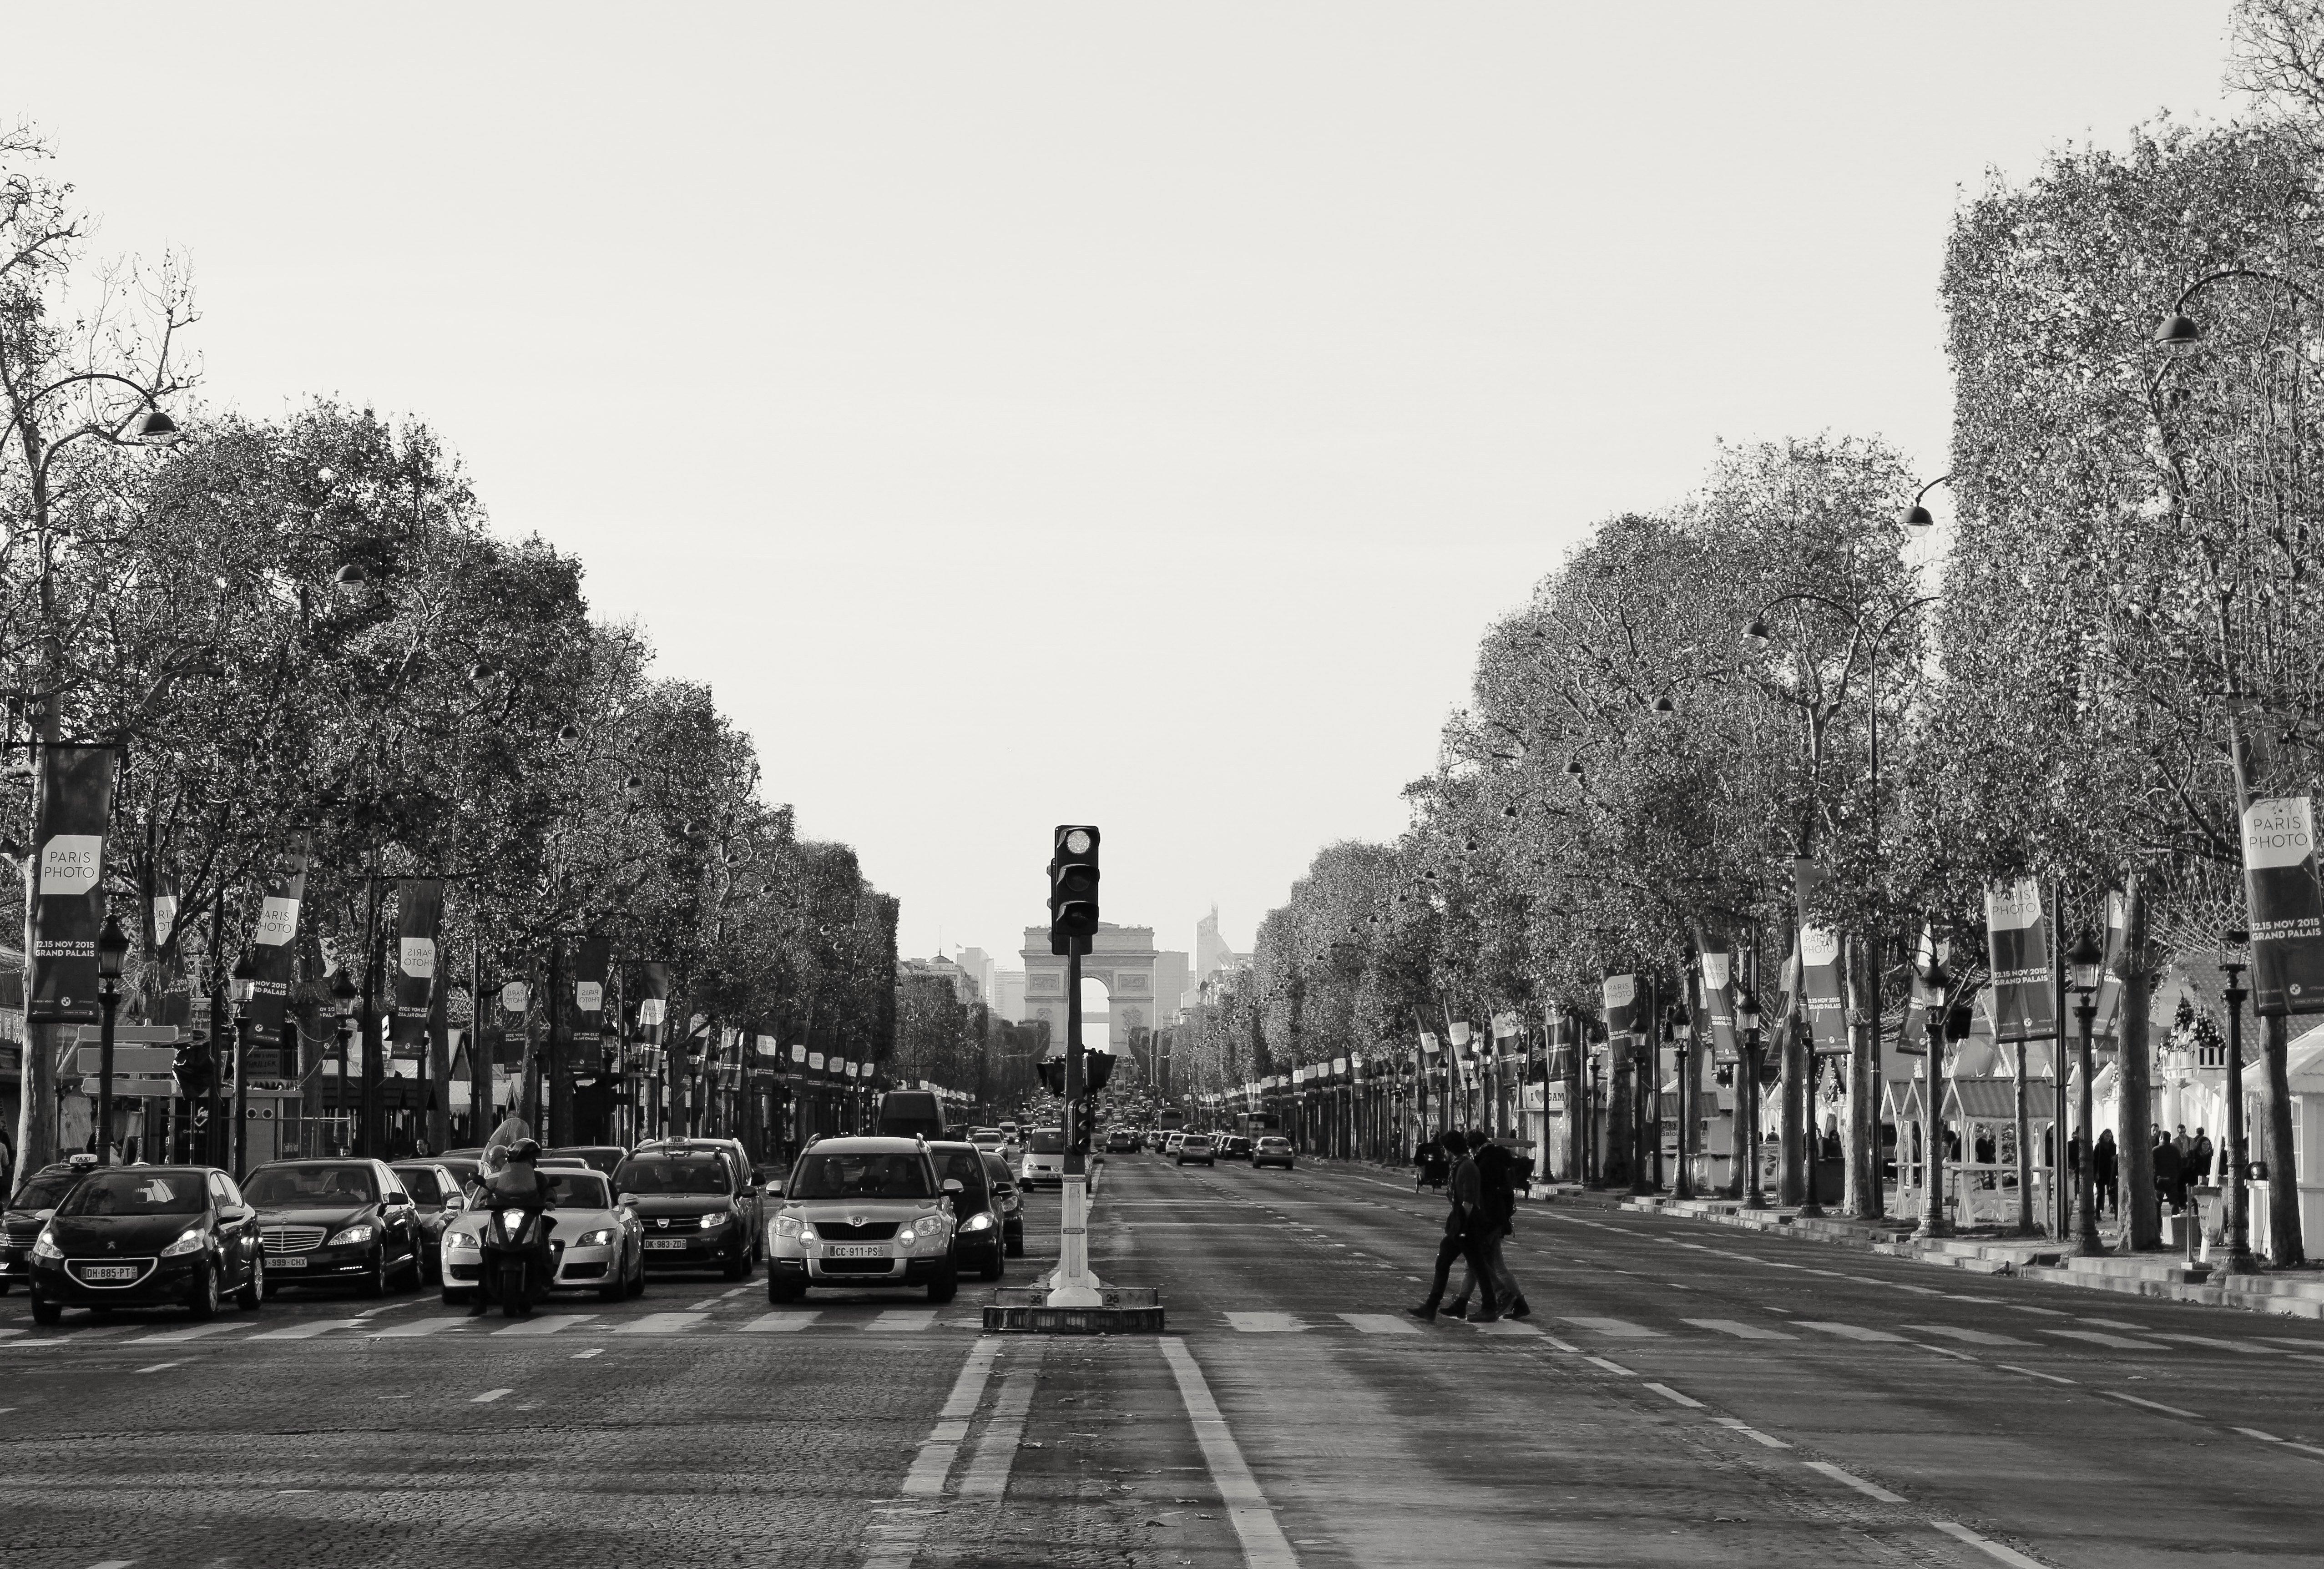 avenue des champs-elysees - 2015